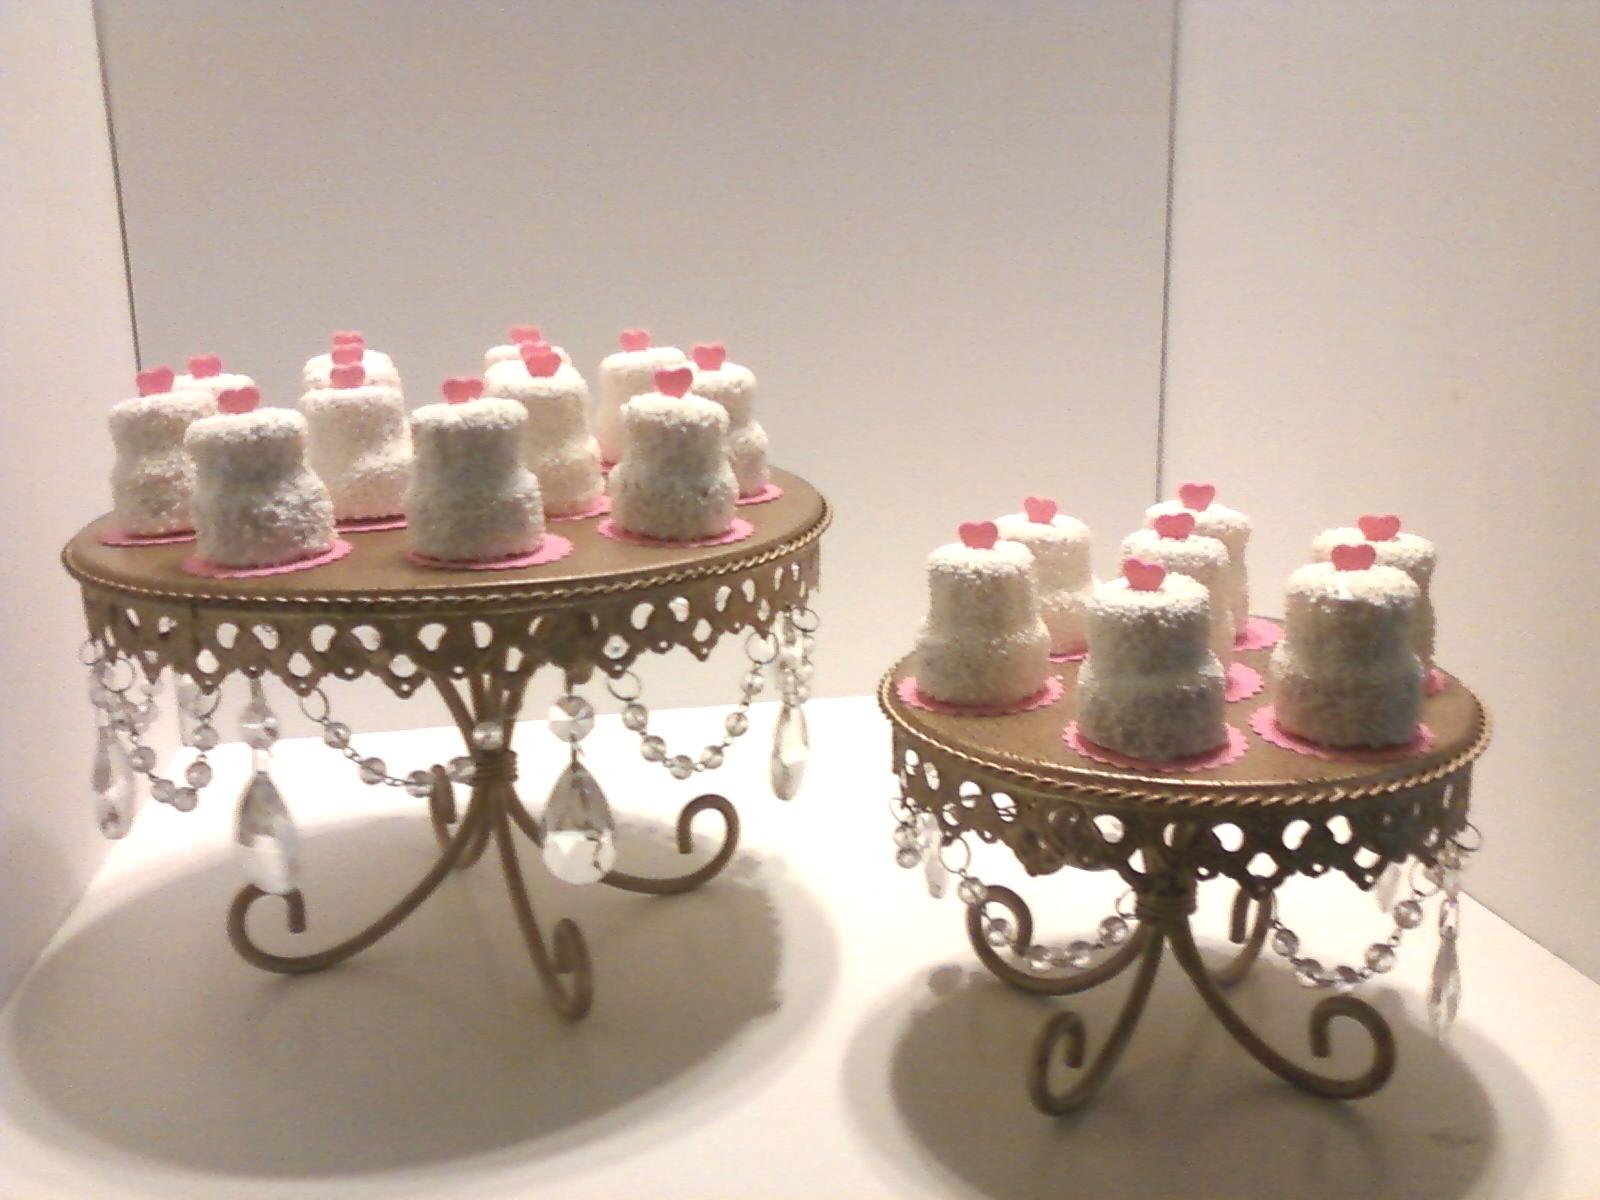 MAD House Cakes: Mini Wedding Cake Truffles